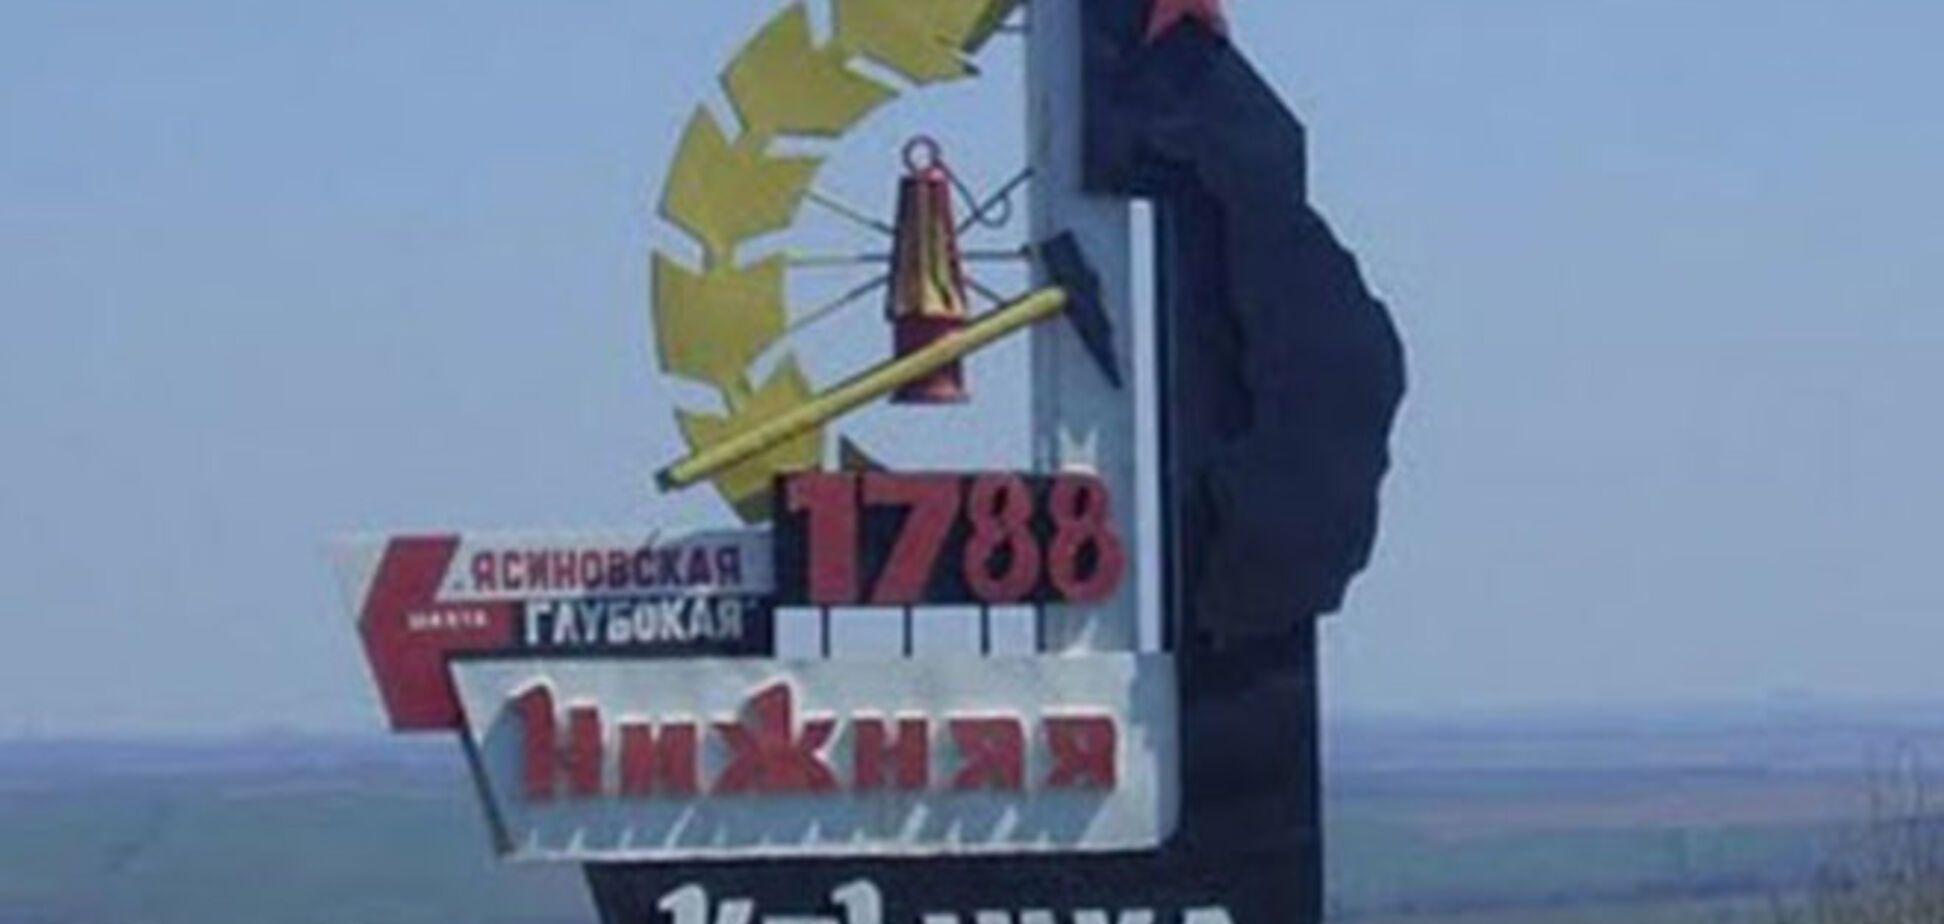 Террористы обстреляли поселок Нижняя Крынка: погибли более 10 мирных жителей